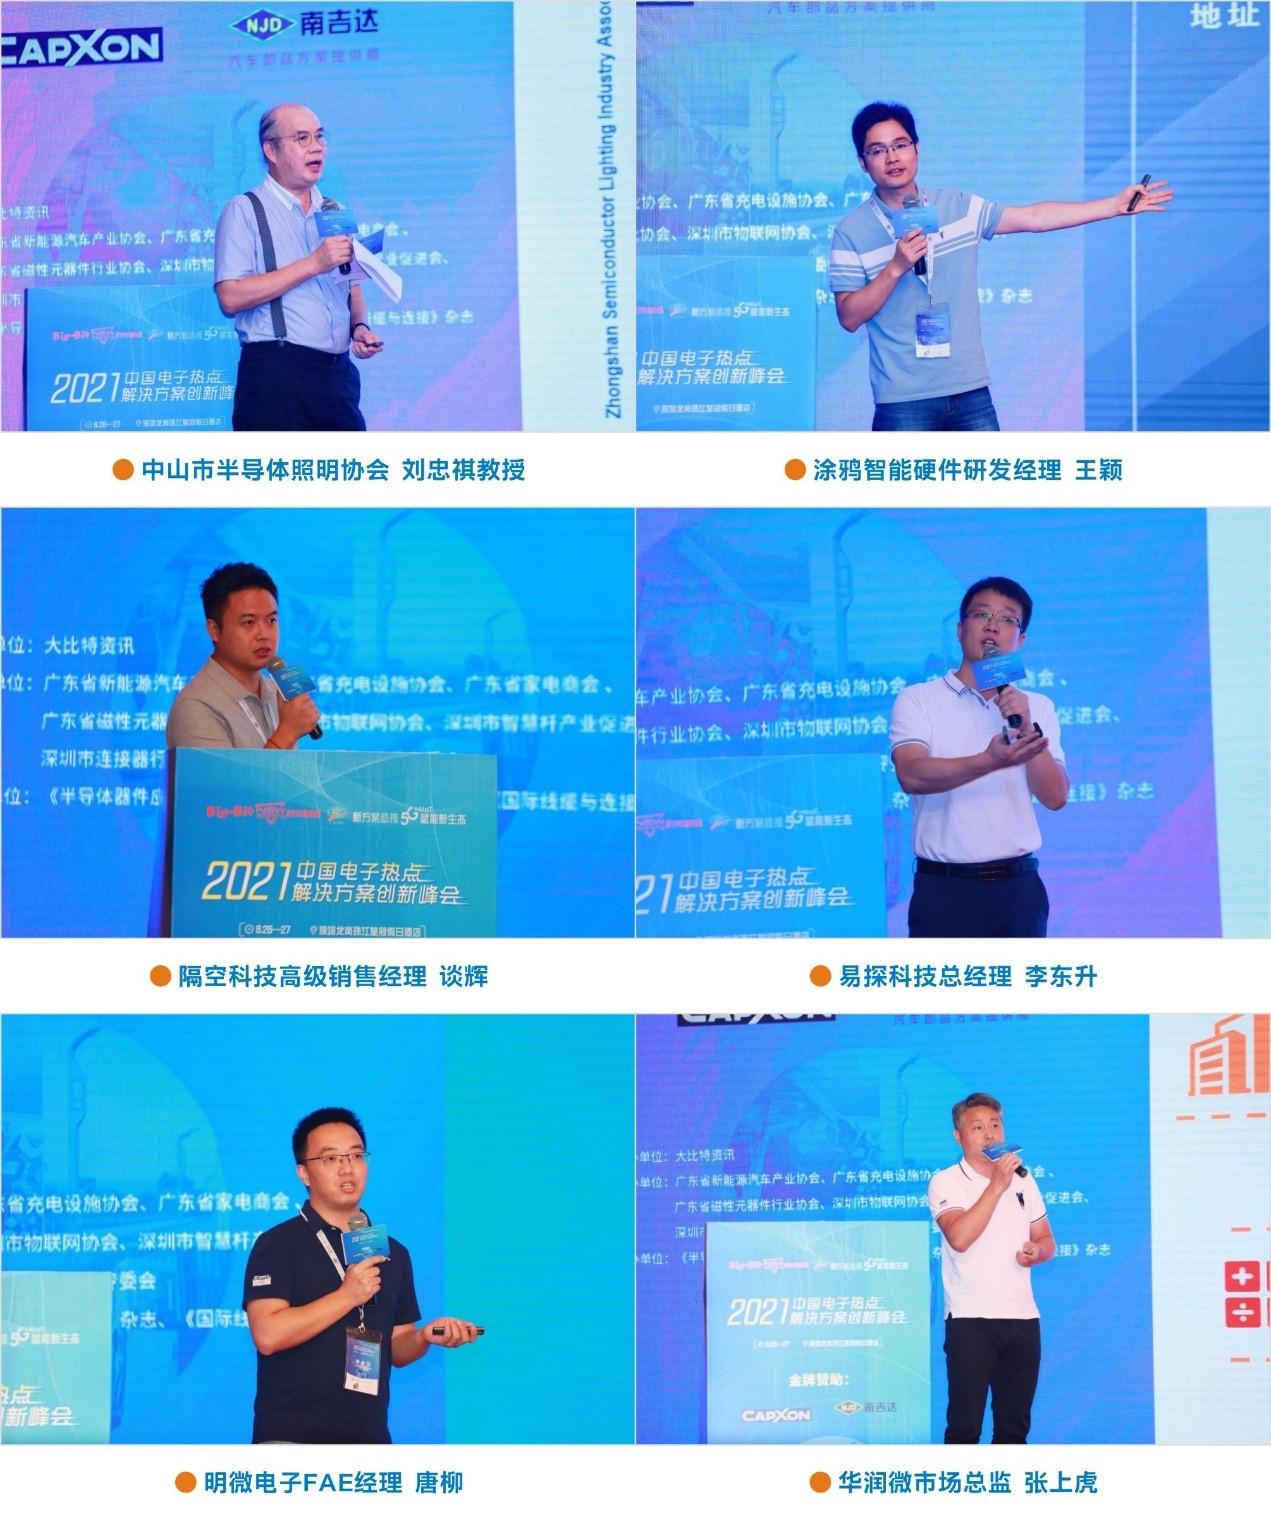 第40届(深圳)AIoT&智能照明与大功率驱动技术研讨会